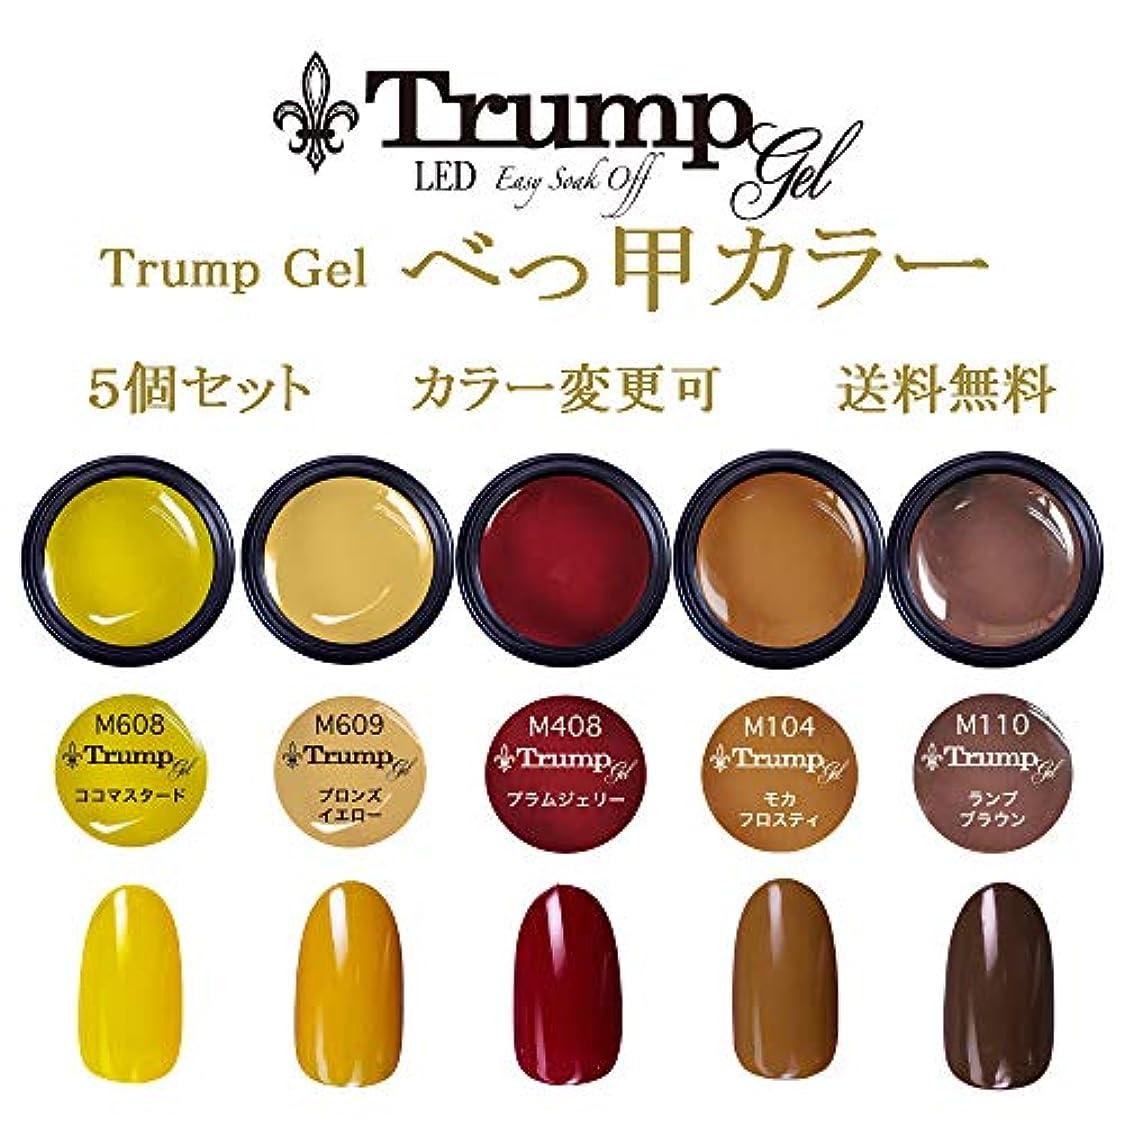 前置詞放射するバタフライ日本製 Trump gel トランプジェル べっ甲 ネイルカラー 選べる カラージェル 5個セット イエロー ブラウン ワイン べっこう